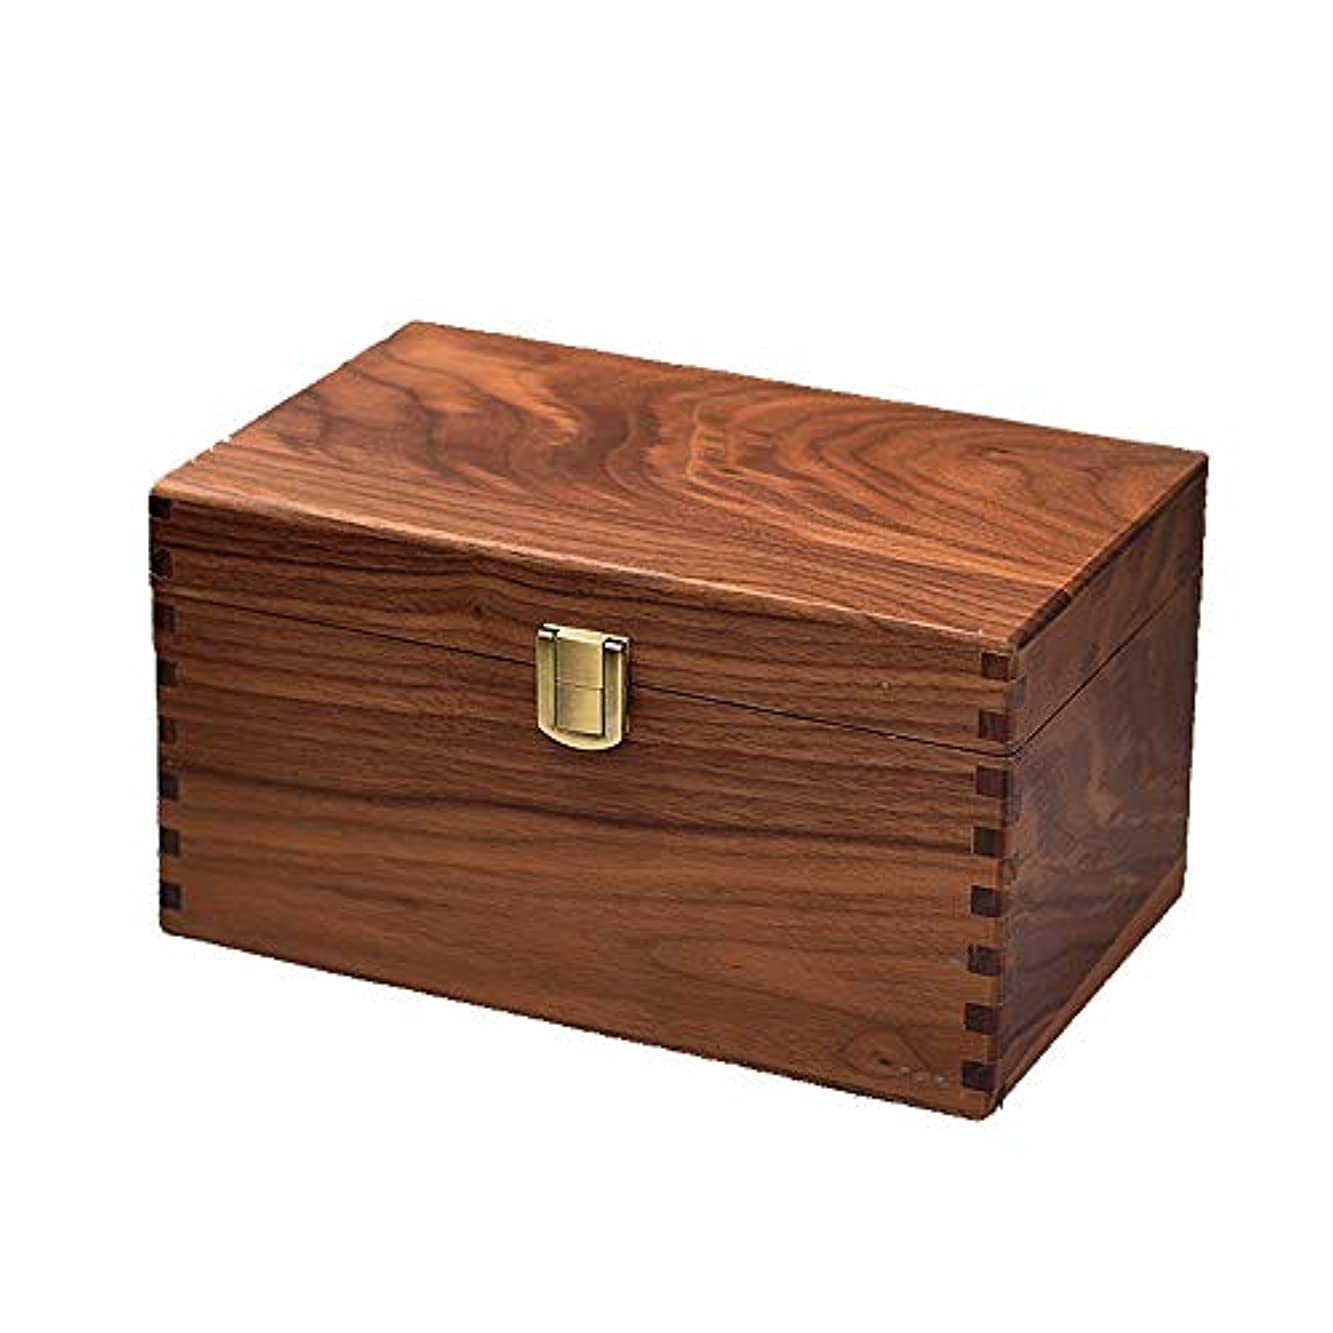 咲く指定縞模様の手作りの装飾的な木のエッセンシャルオイルボックスオーガナイザージュエリーボックスパーフェクトエッセンシャルオイルケース アロマセラピー製品 (色 : Natural, サイズ : 24.5X15.5X13CM)